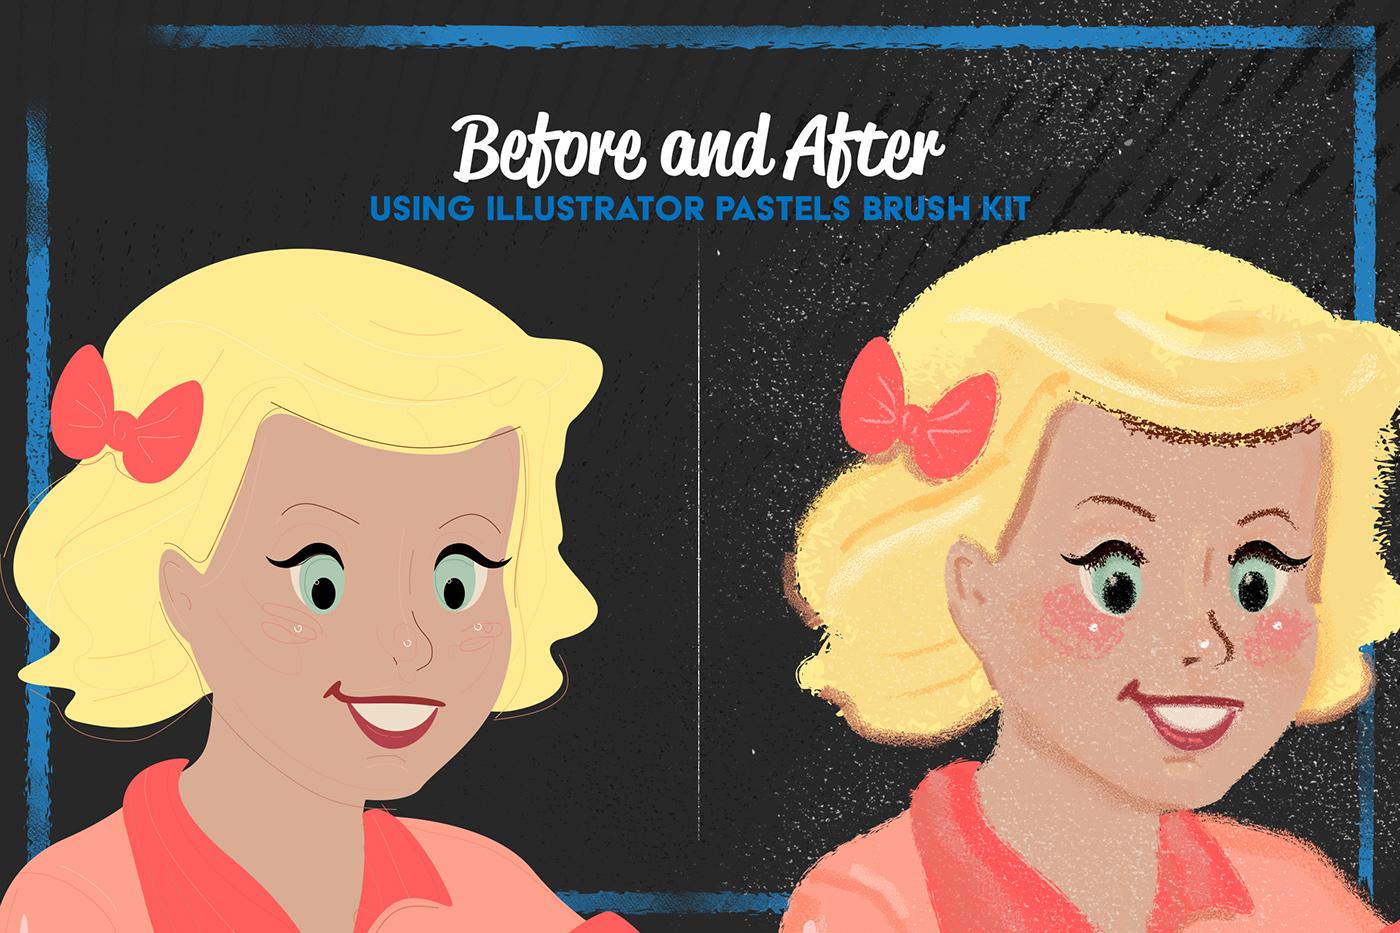 Pastels Illustrator Brush Kit On Behance